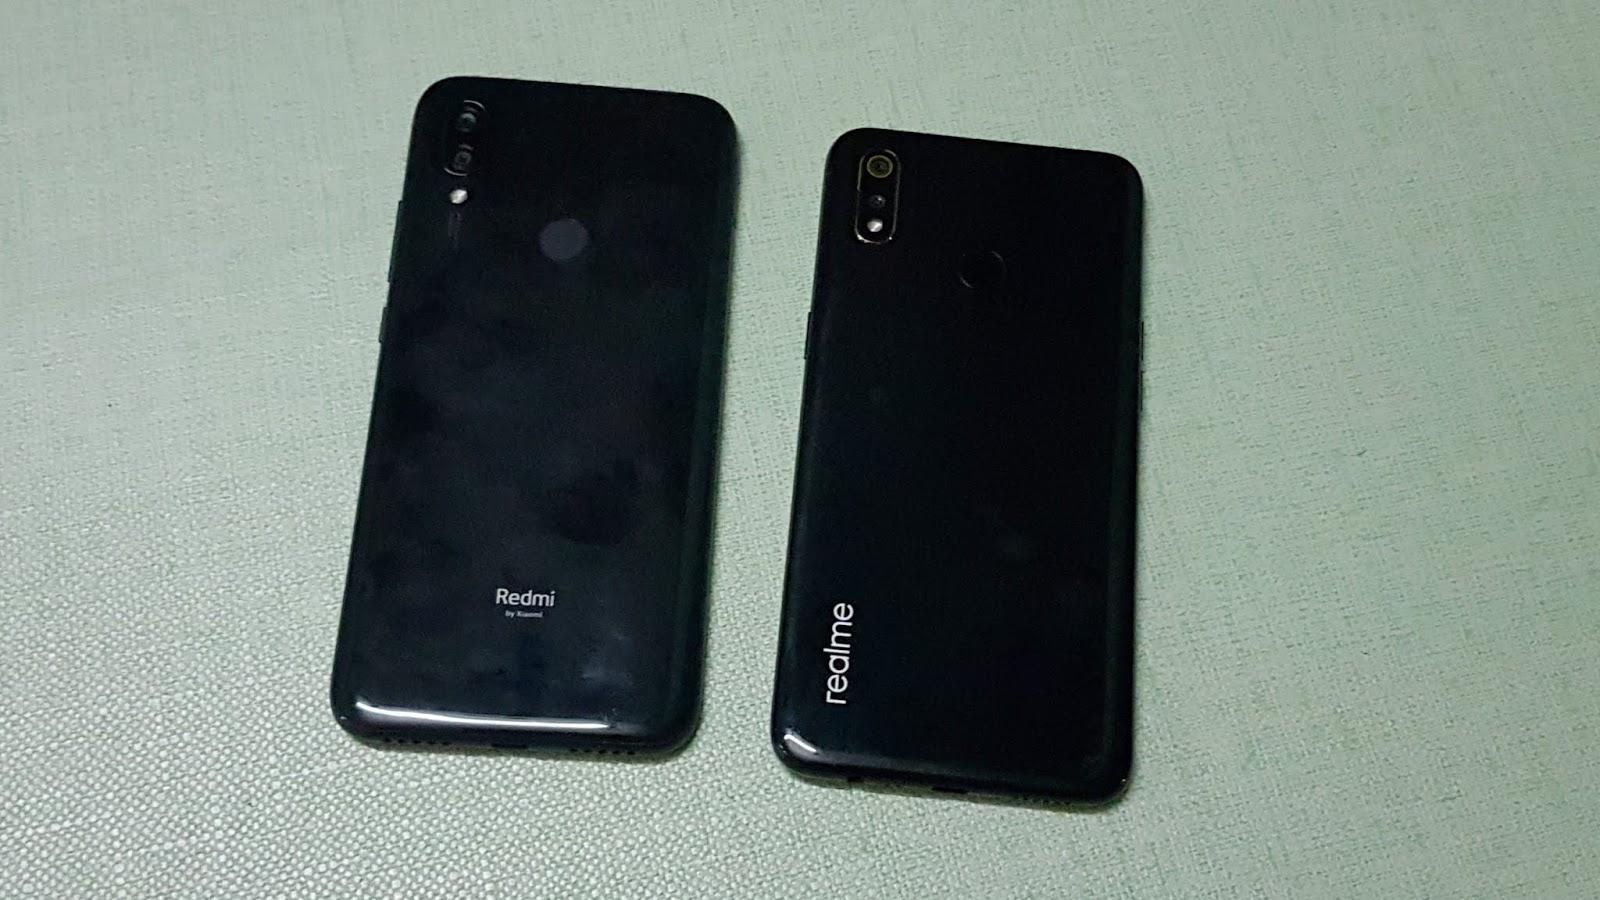 10c15e7e4 Redmi 7 has a 6.26-inch (1520 × 720 pixels) HD+ 19 9 display